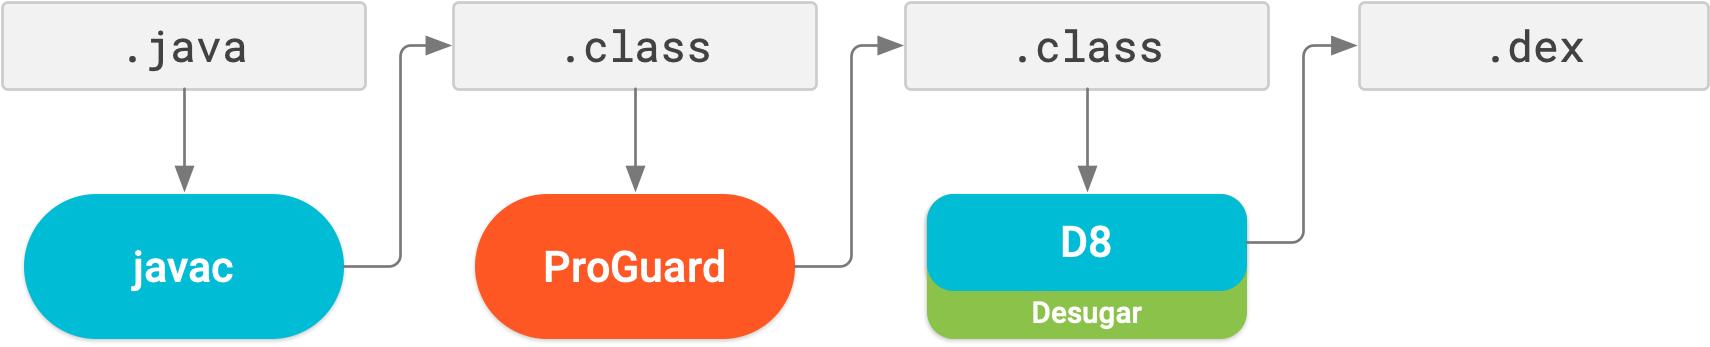 Antes de R8, ProGuard era un paso de compilación independiente de la conversión a DEX y la expansión de sintaxis.